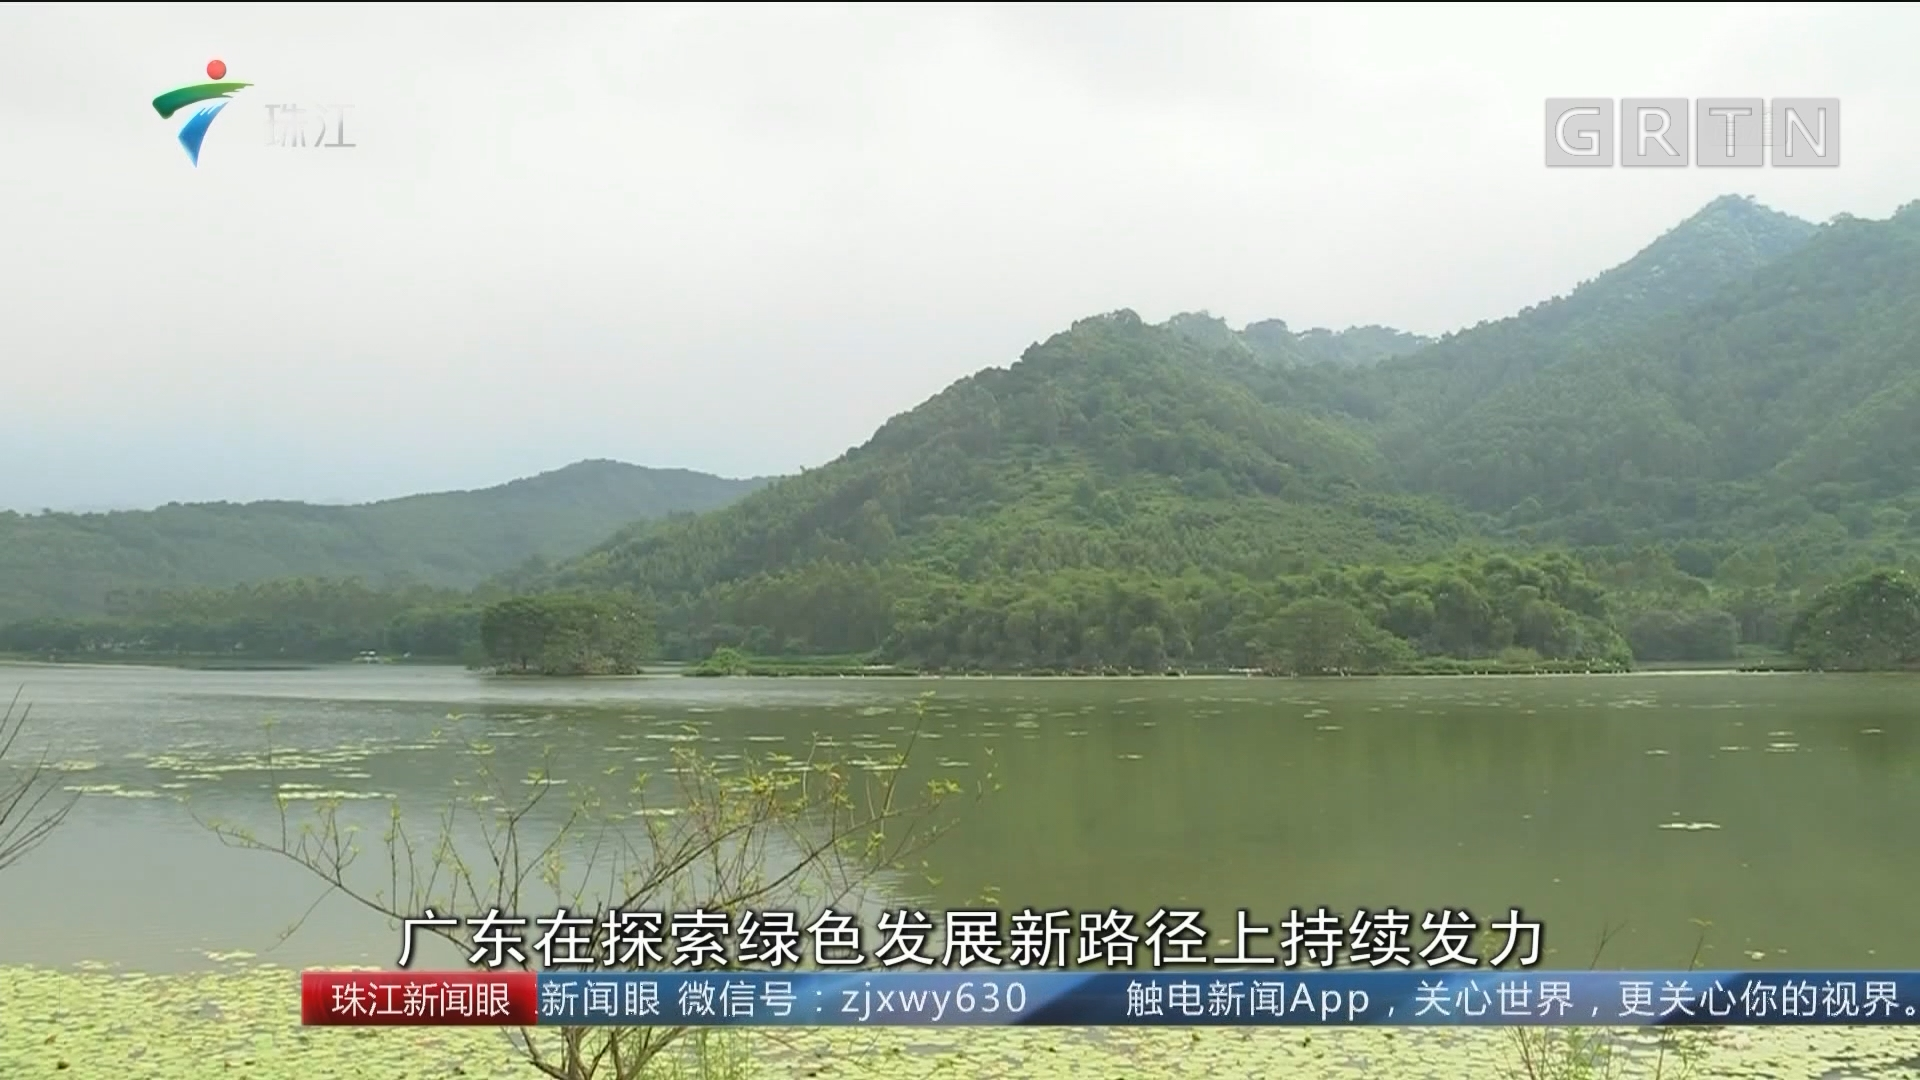 广东:生态环境持续改善 探索绿色发展新路径